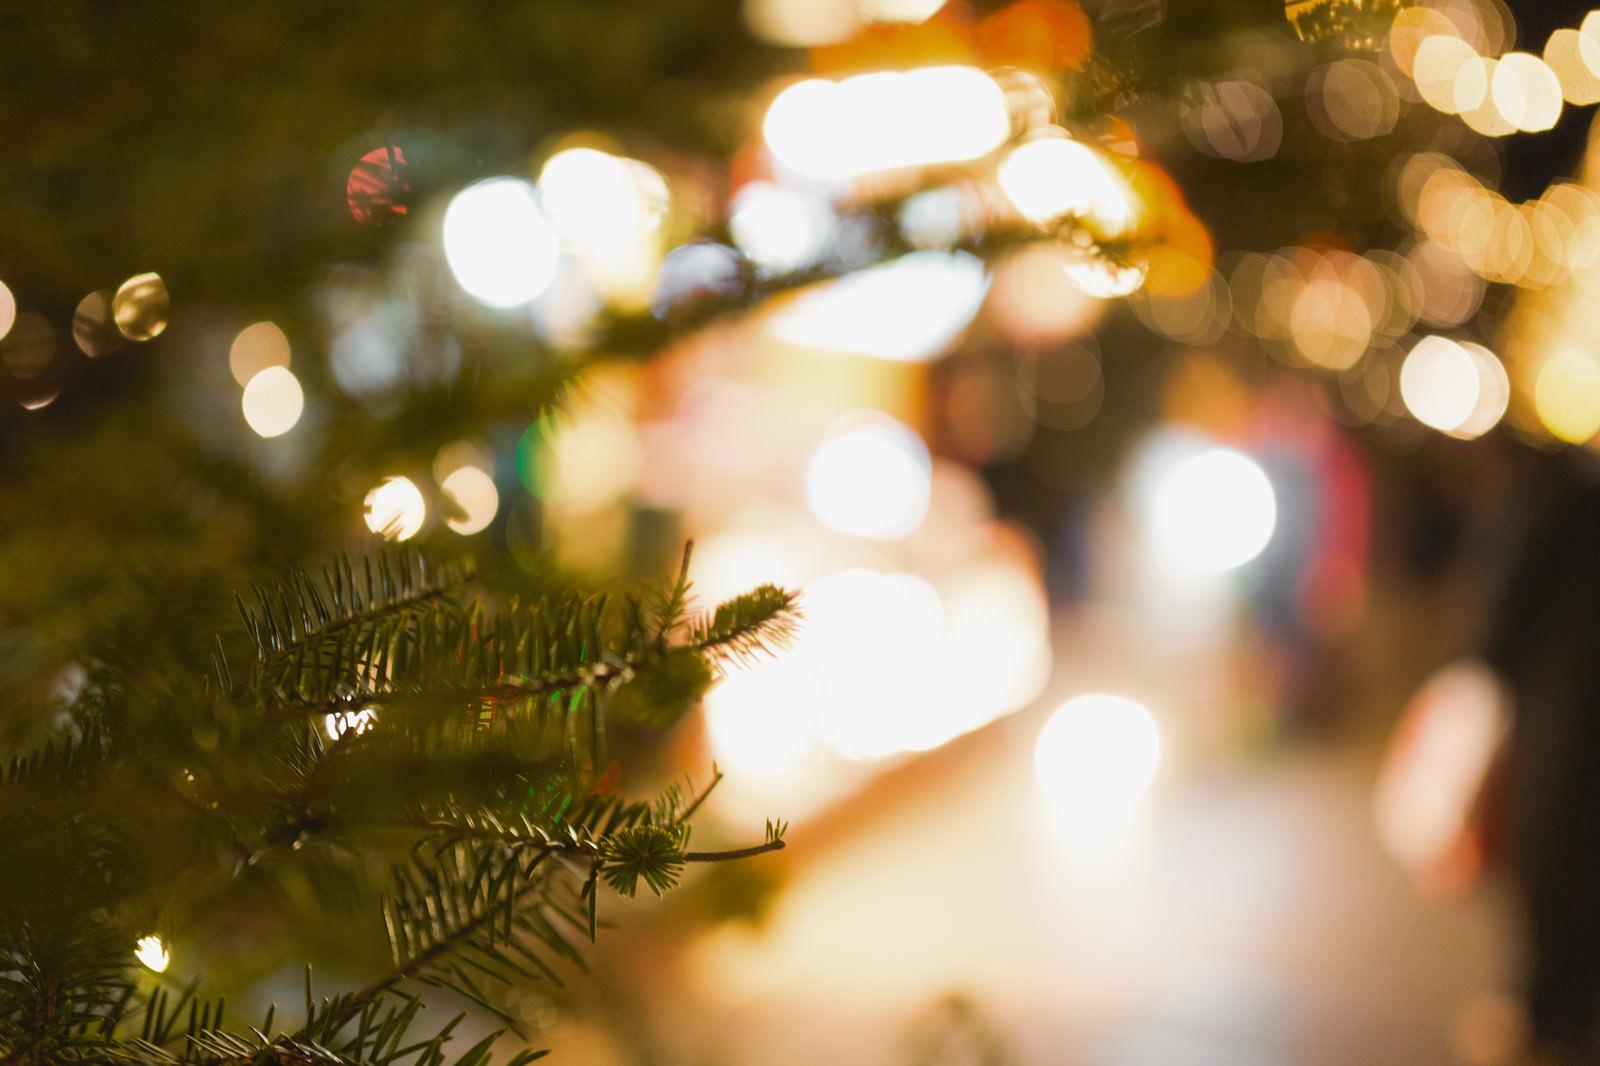 「クリスマスツリーと光るライト」の写真